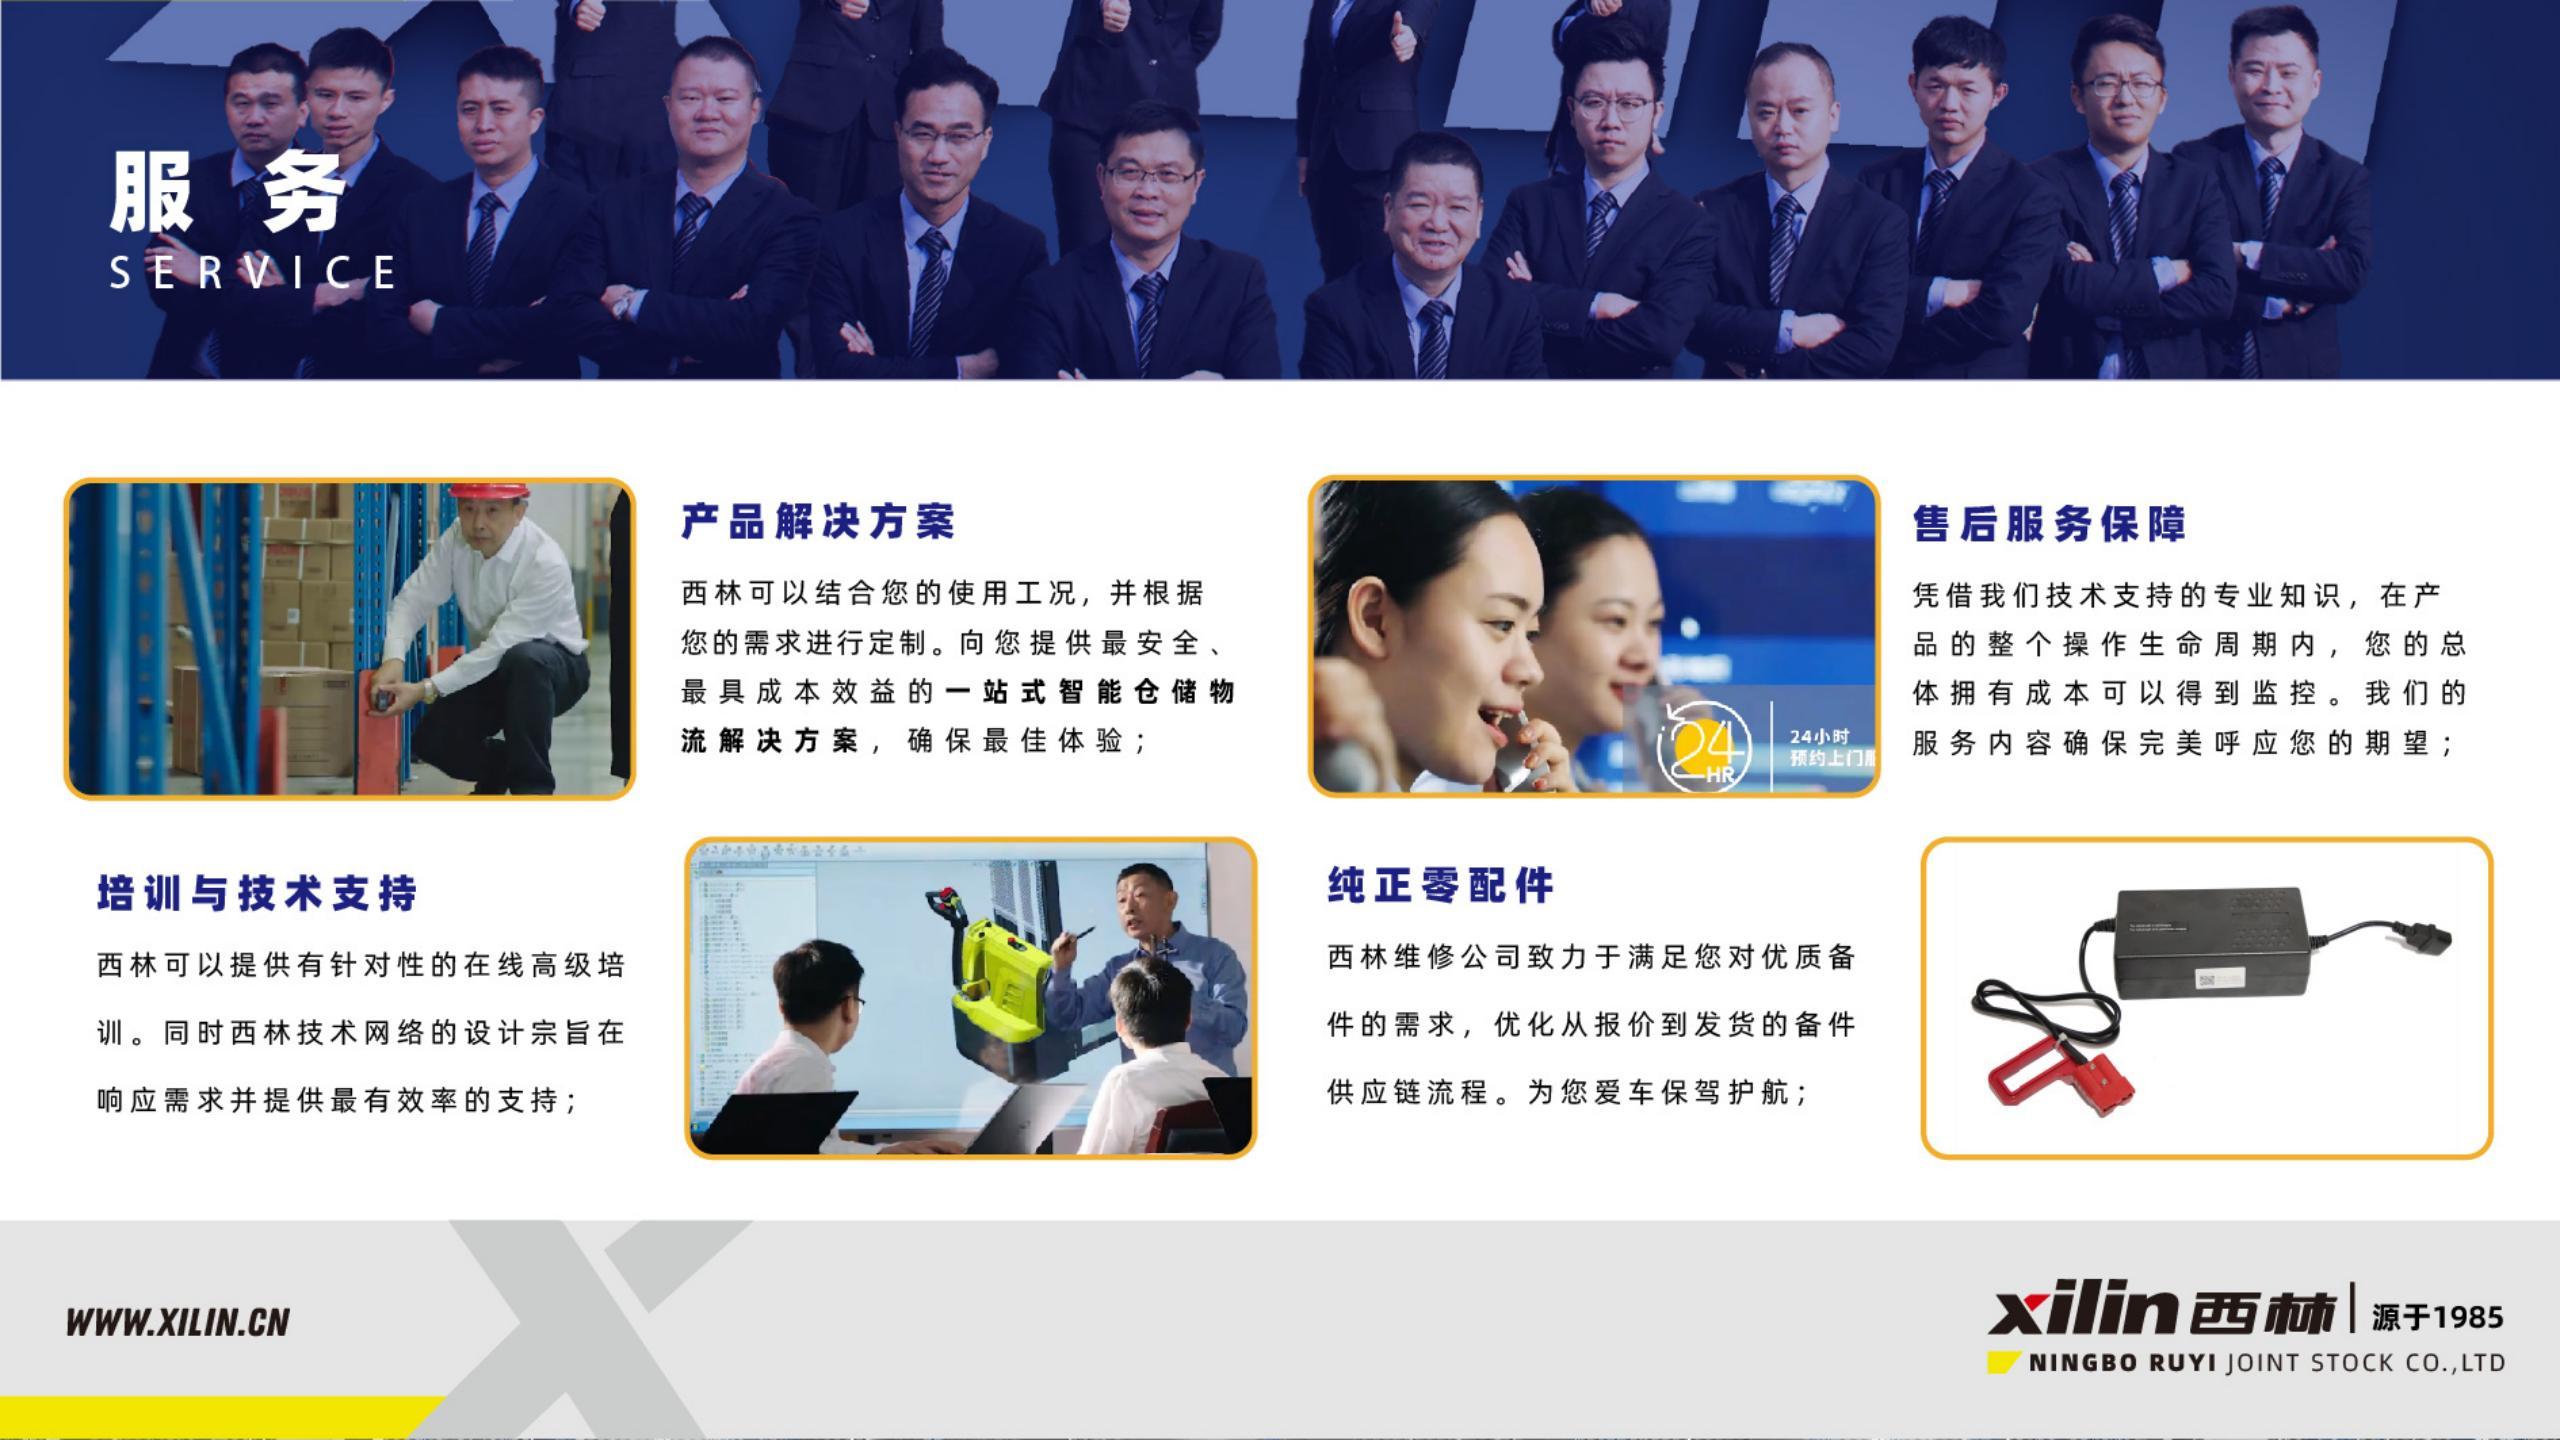 【西林bet9网站app】一站式仓储物流解决方案 lk 2021-8-25_08.jpg